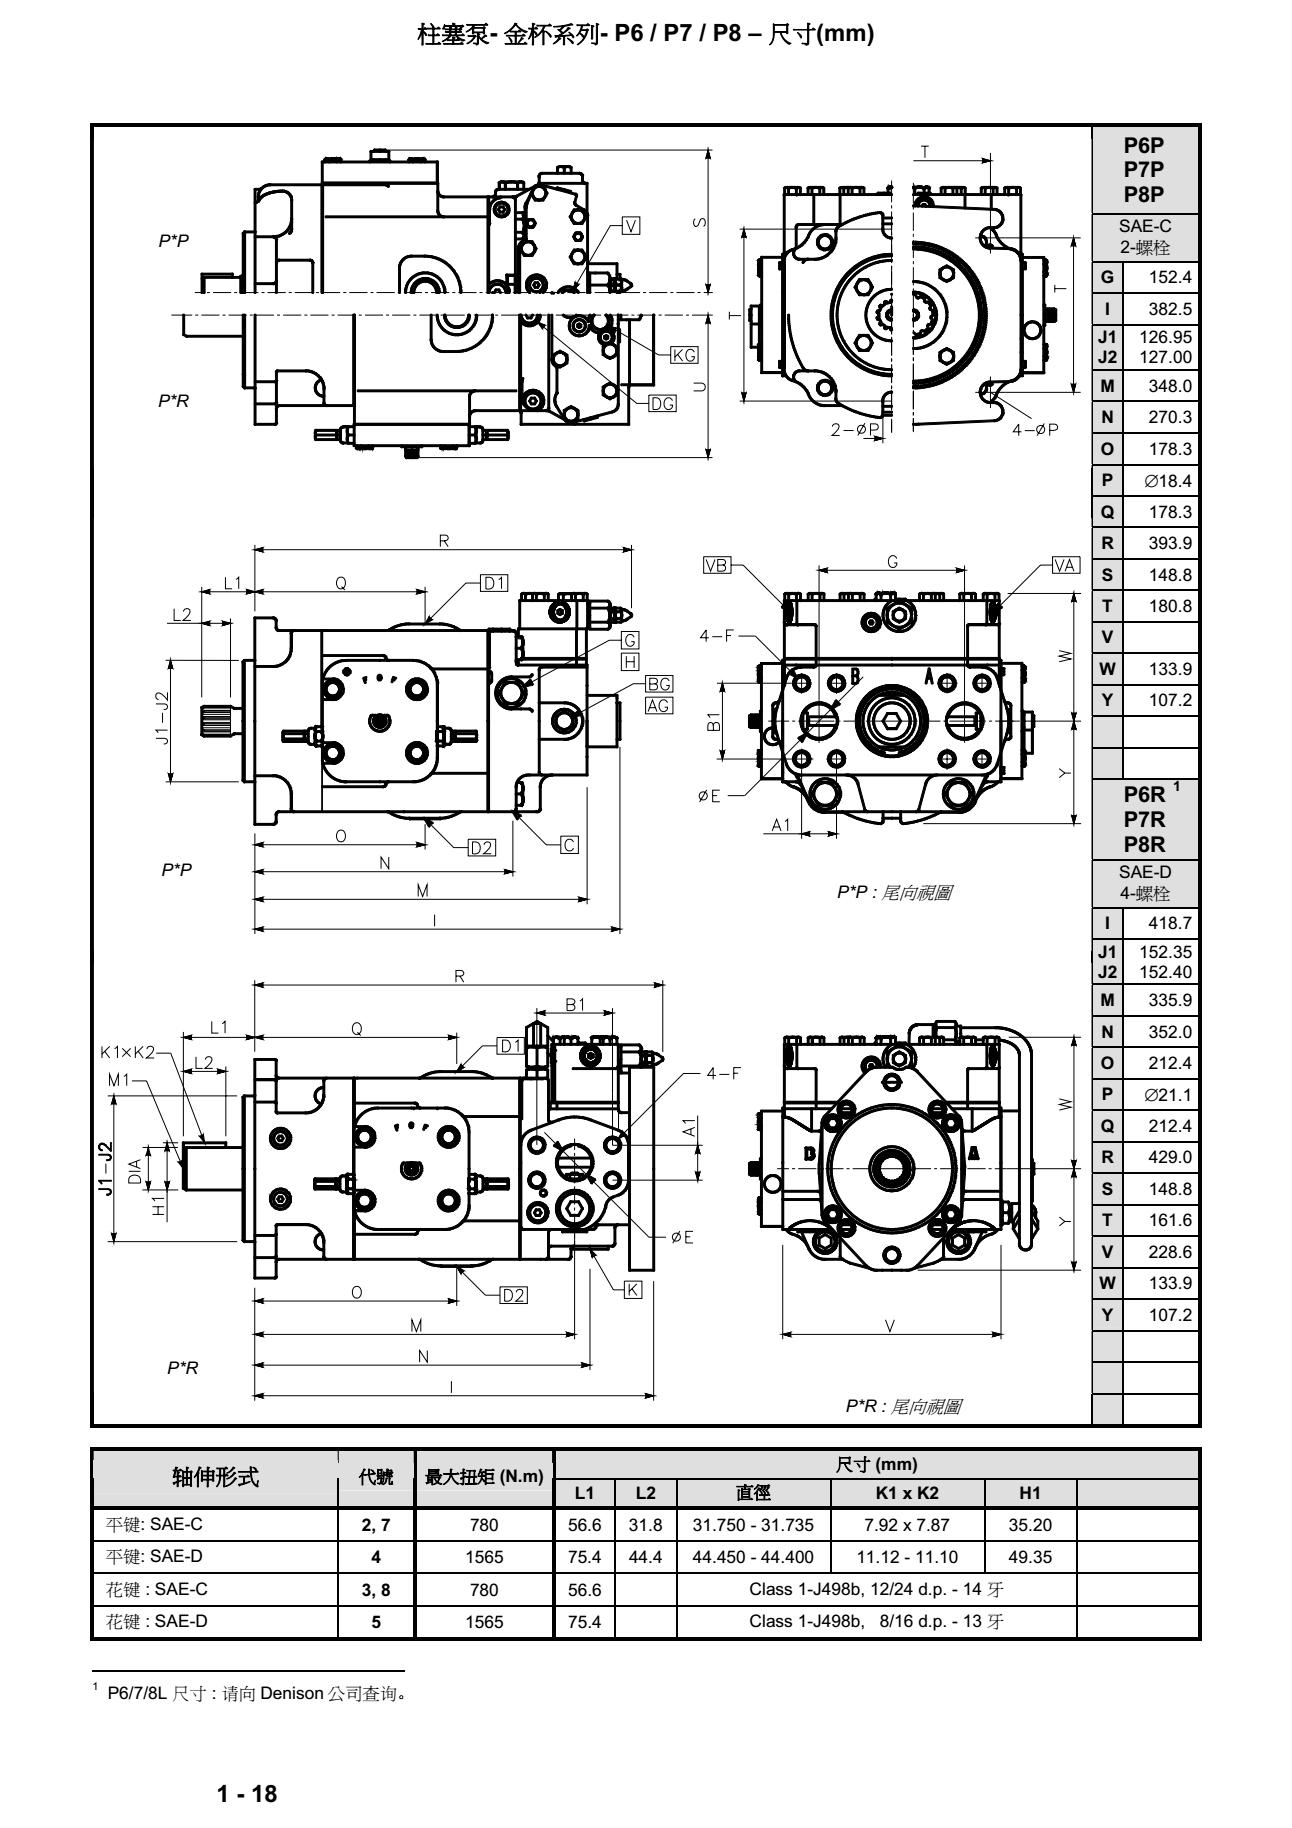 丹尼逊金杯系列柱塞泵尺寸